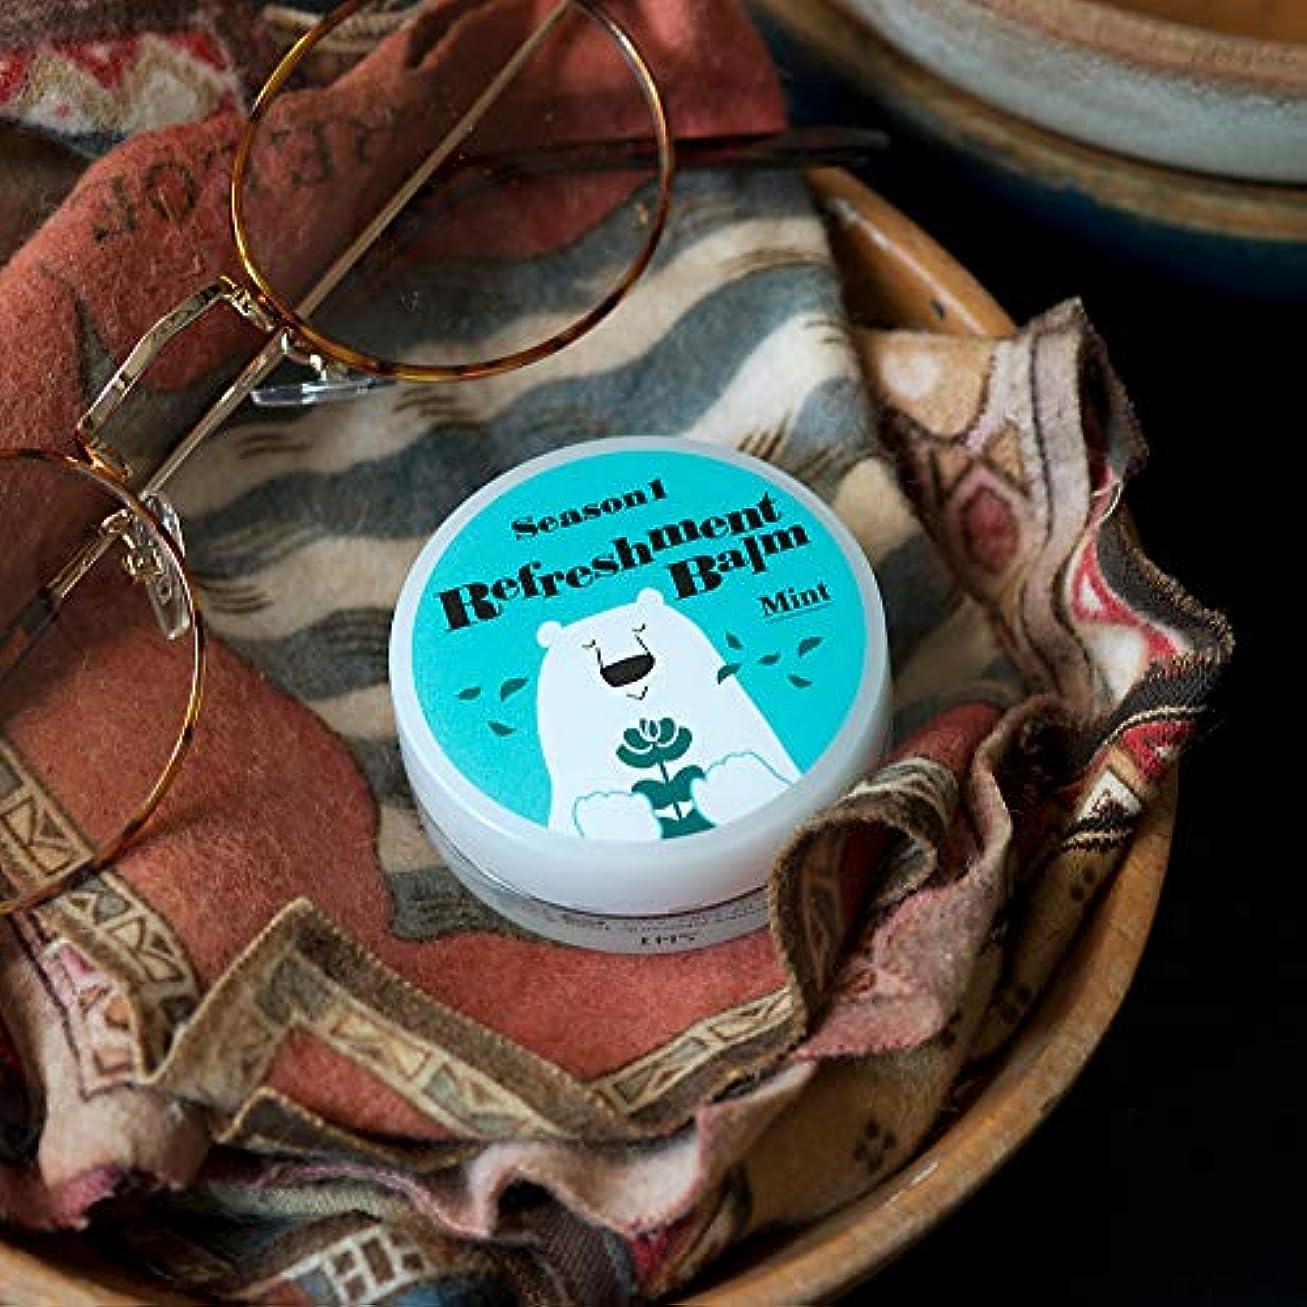 押す君主誘惑(美健)BIKEN カサカサ鼻にひと塗り リフレッシュメントバーム ミント エッセンシャルオイル(精油)のみで香り付け